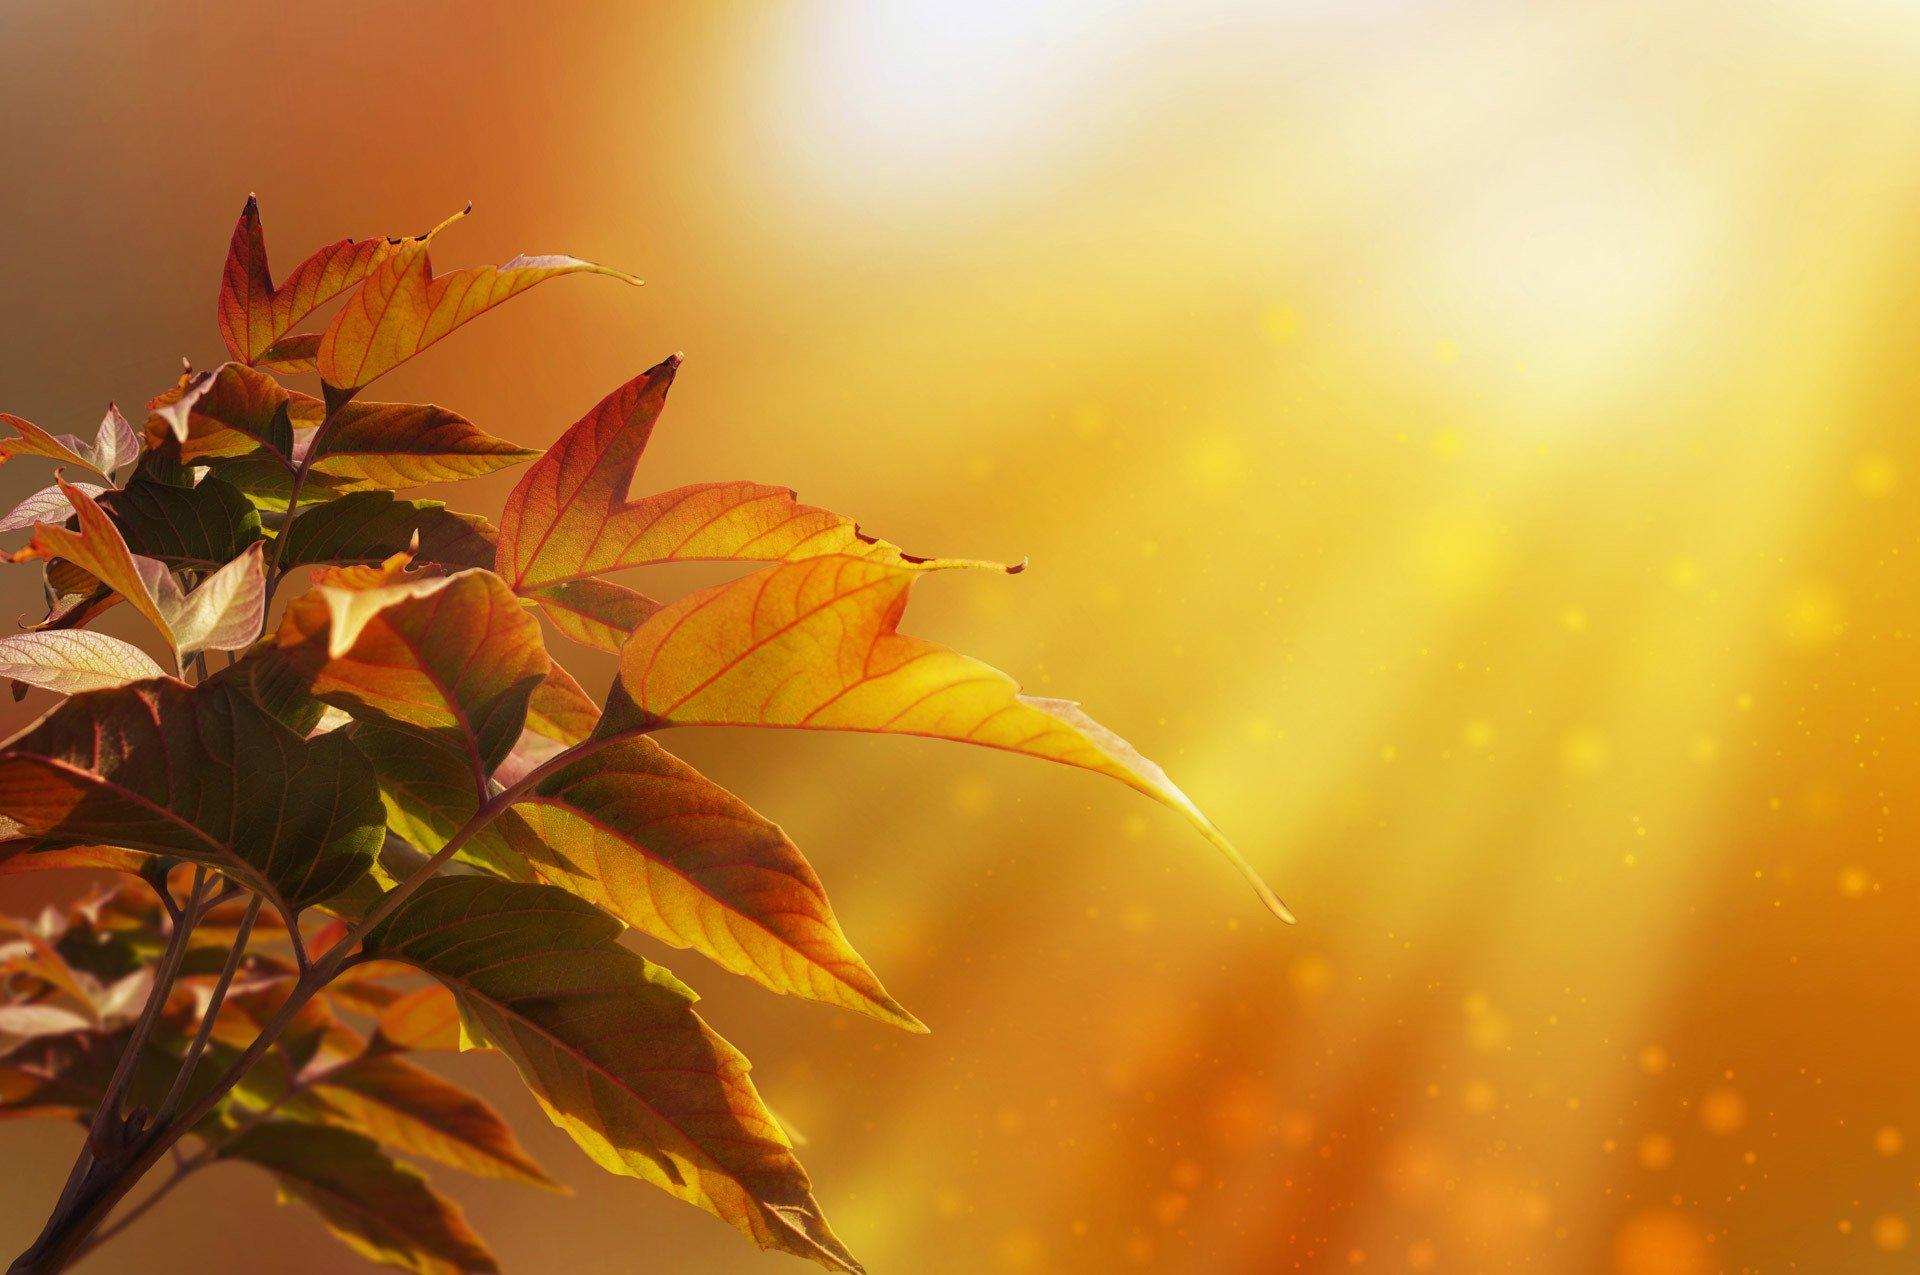 Открытка с желтыми листьями